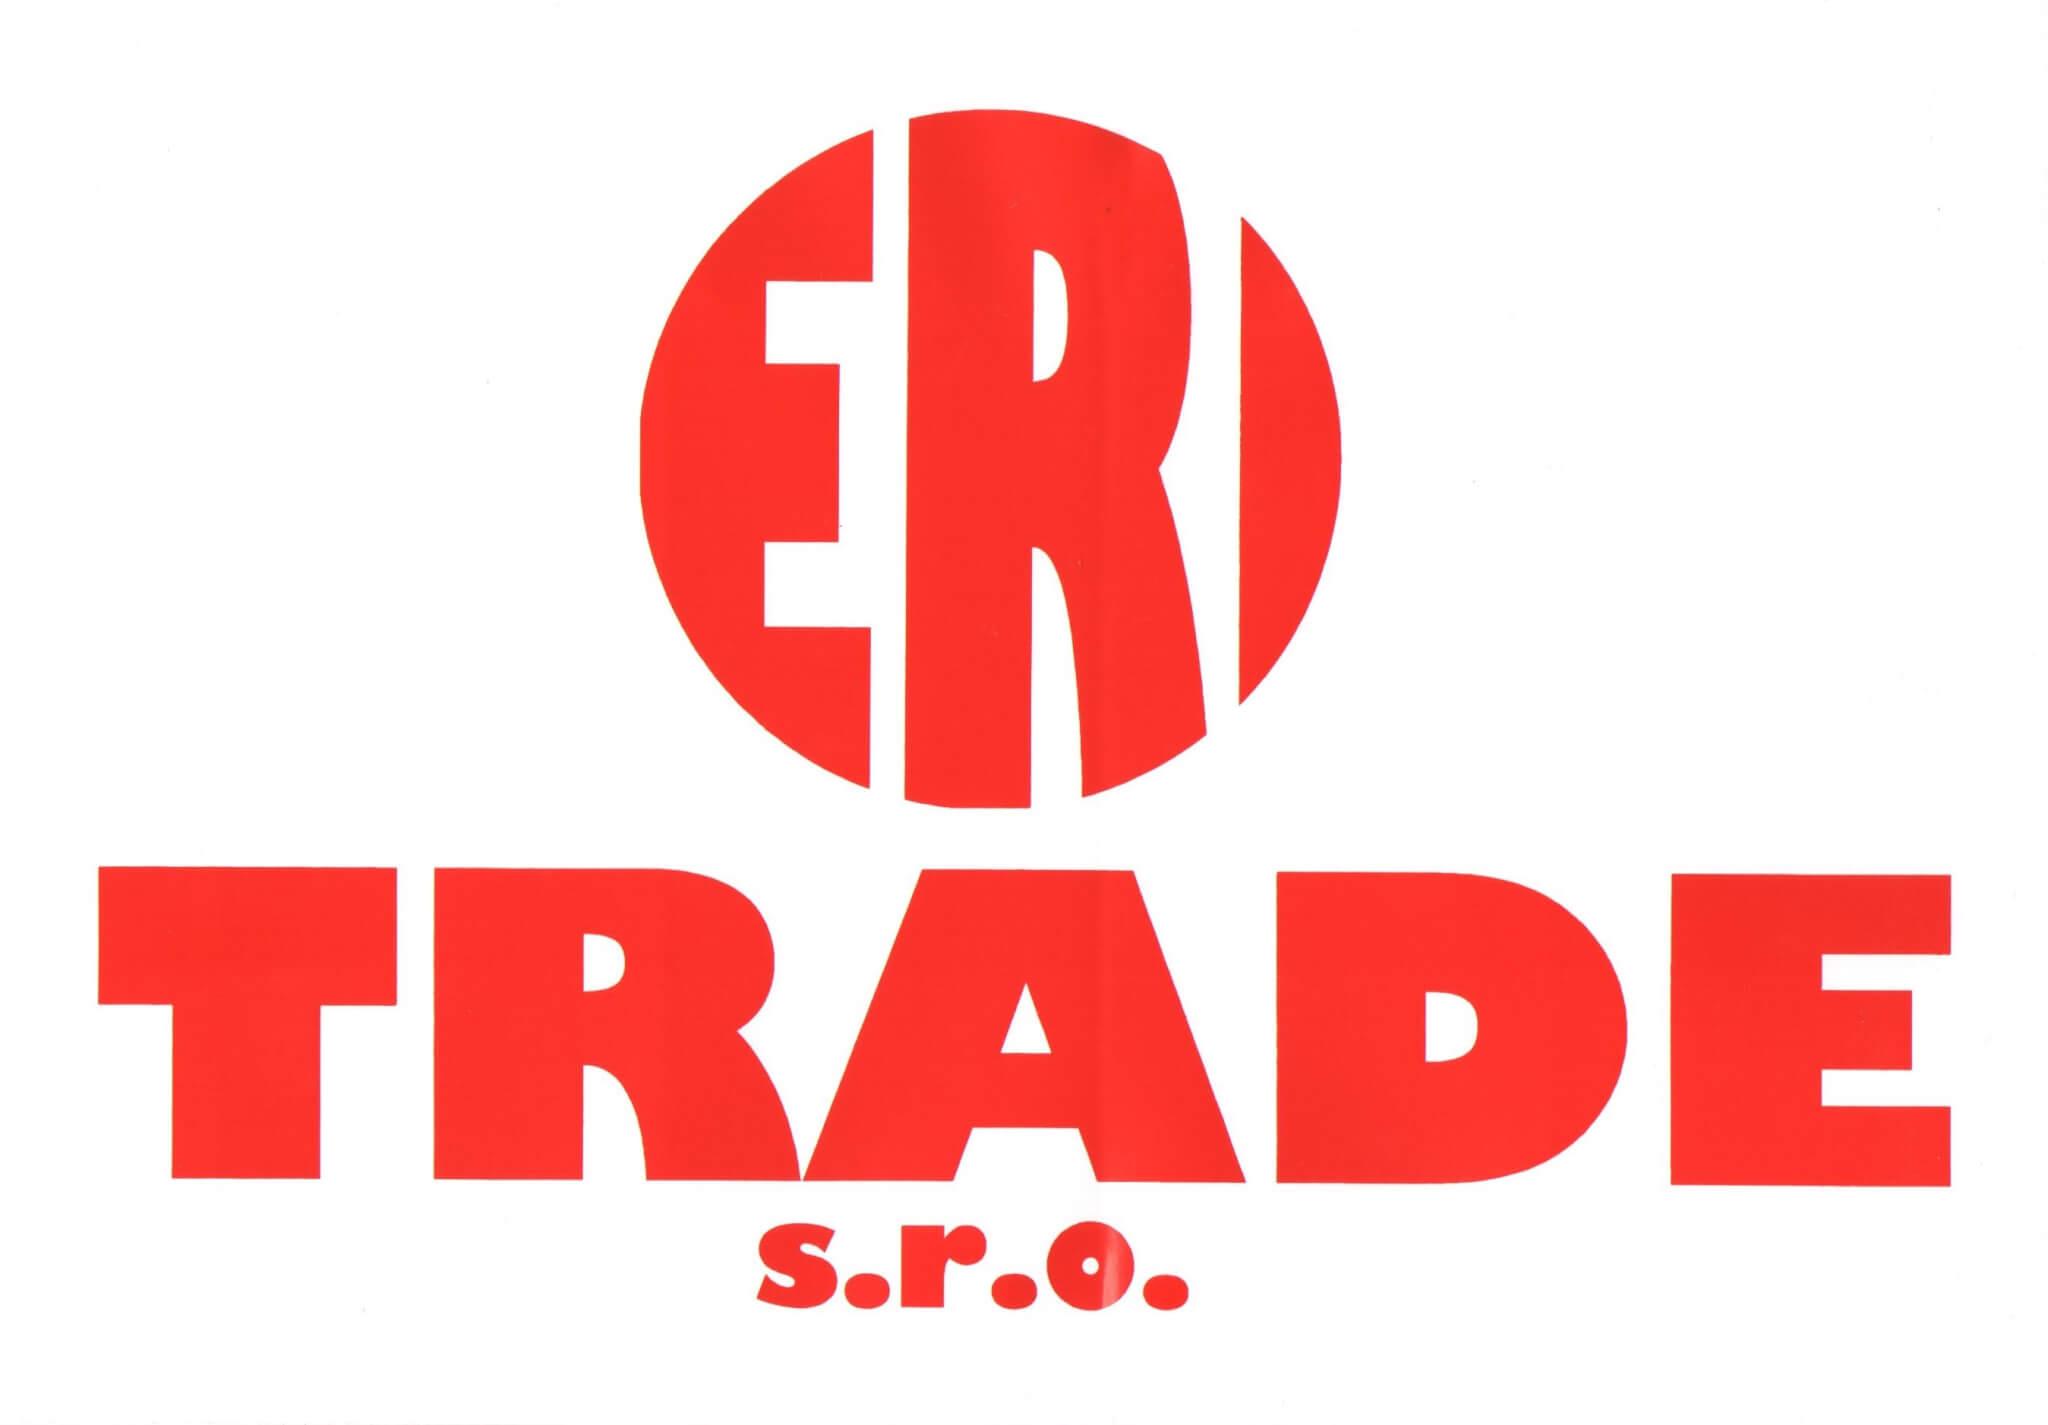 ERI-TRADE s.r.o.